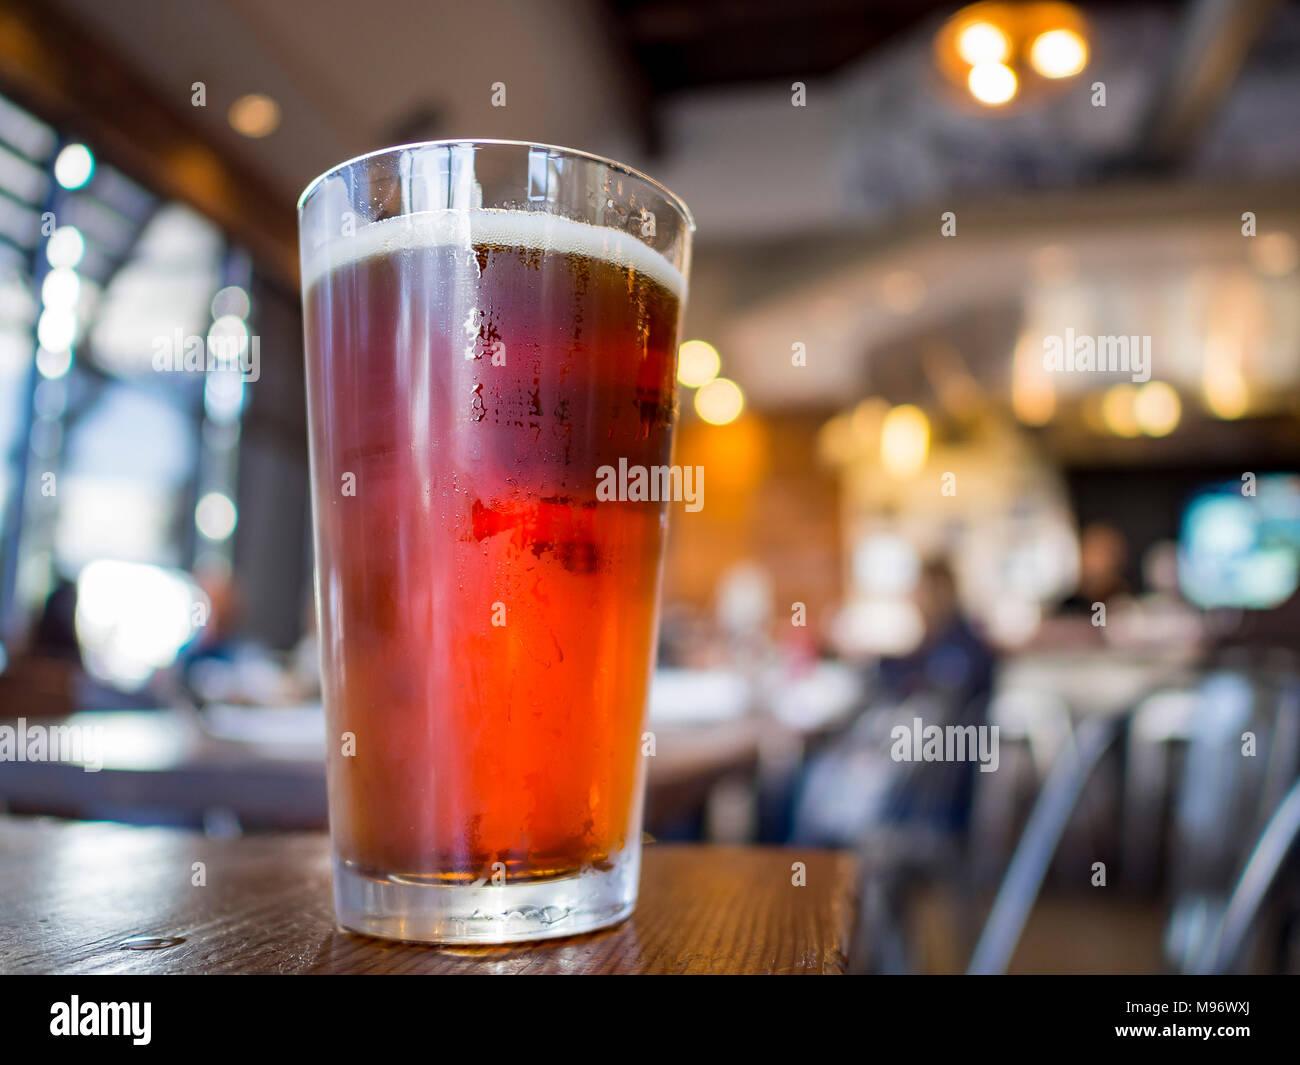 Immagine ravvicinata di un vetro a freddo IPA la birra, bevanda a Los Angeles Immagini Stock